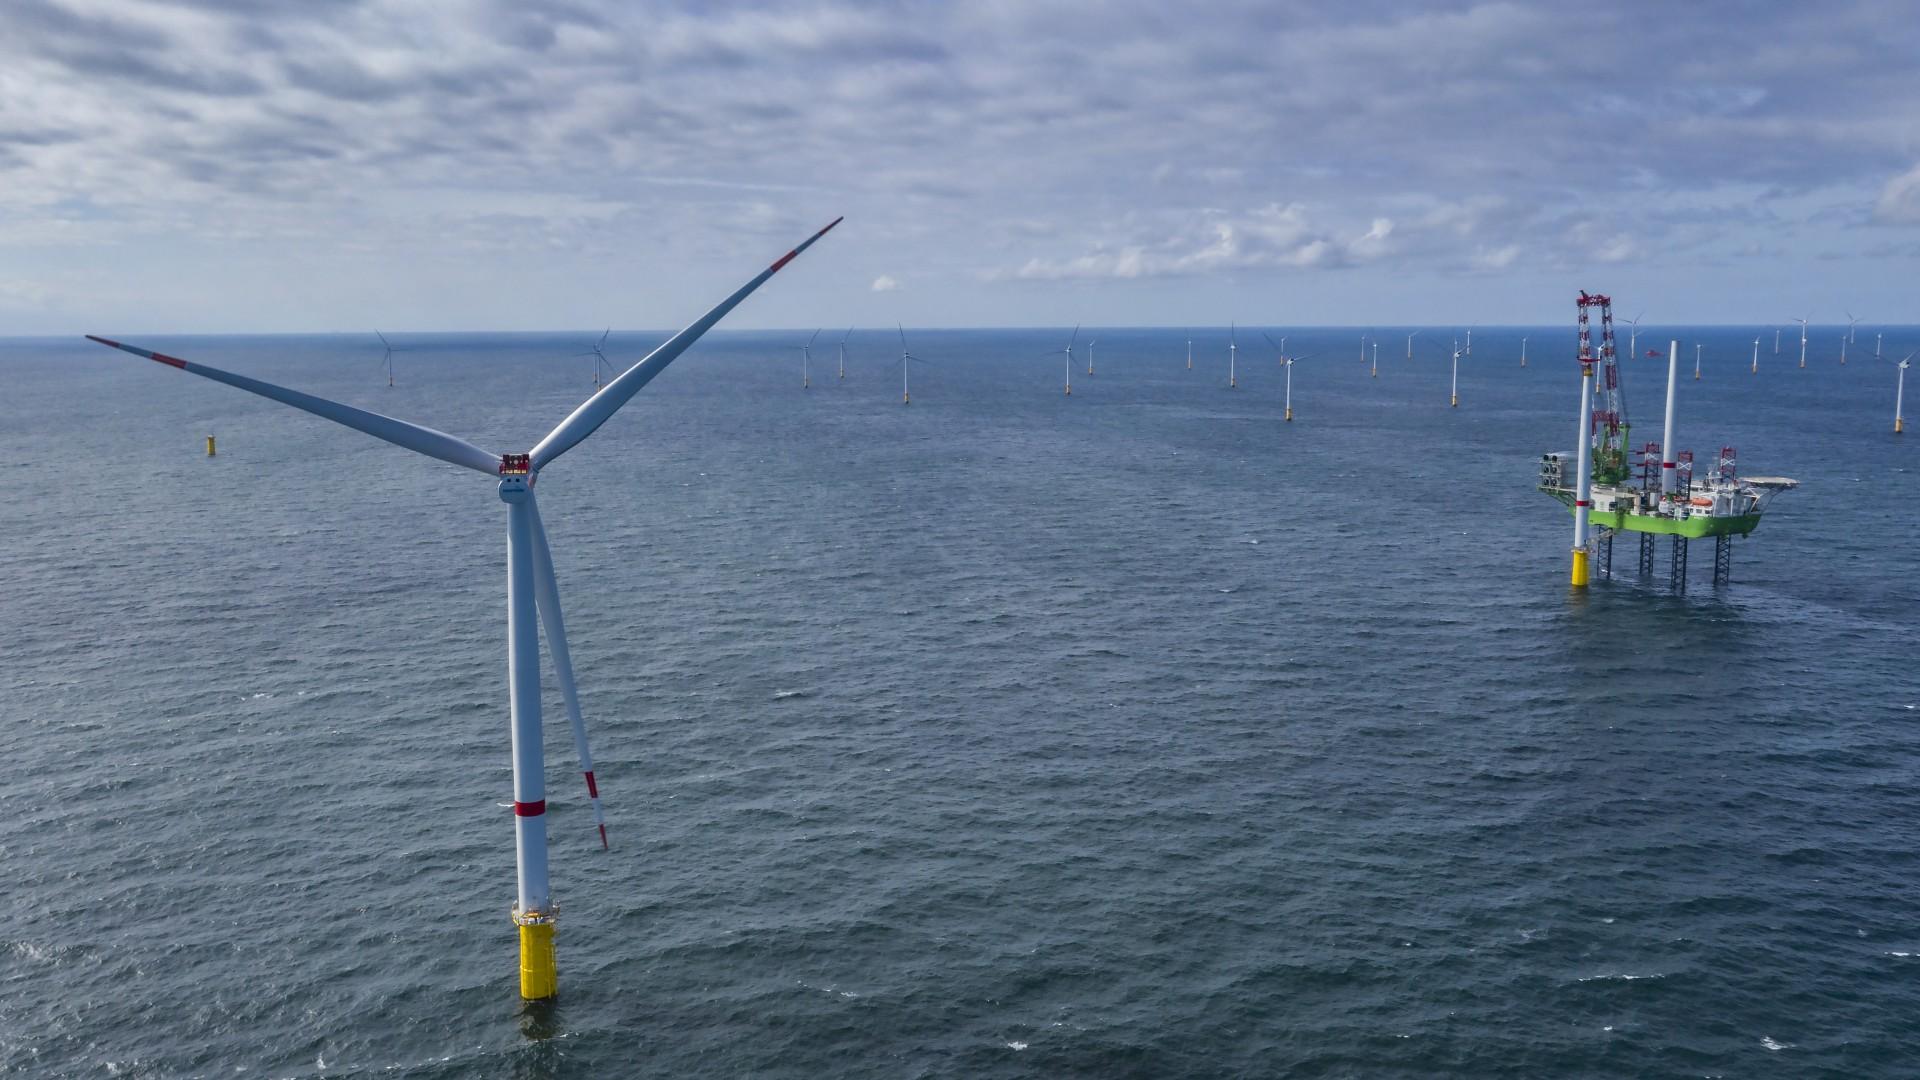 Borealis enhances sustainability with wind energy from Eneco